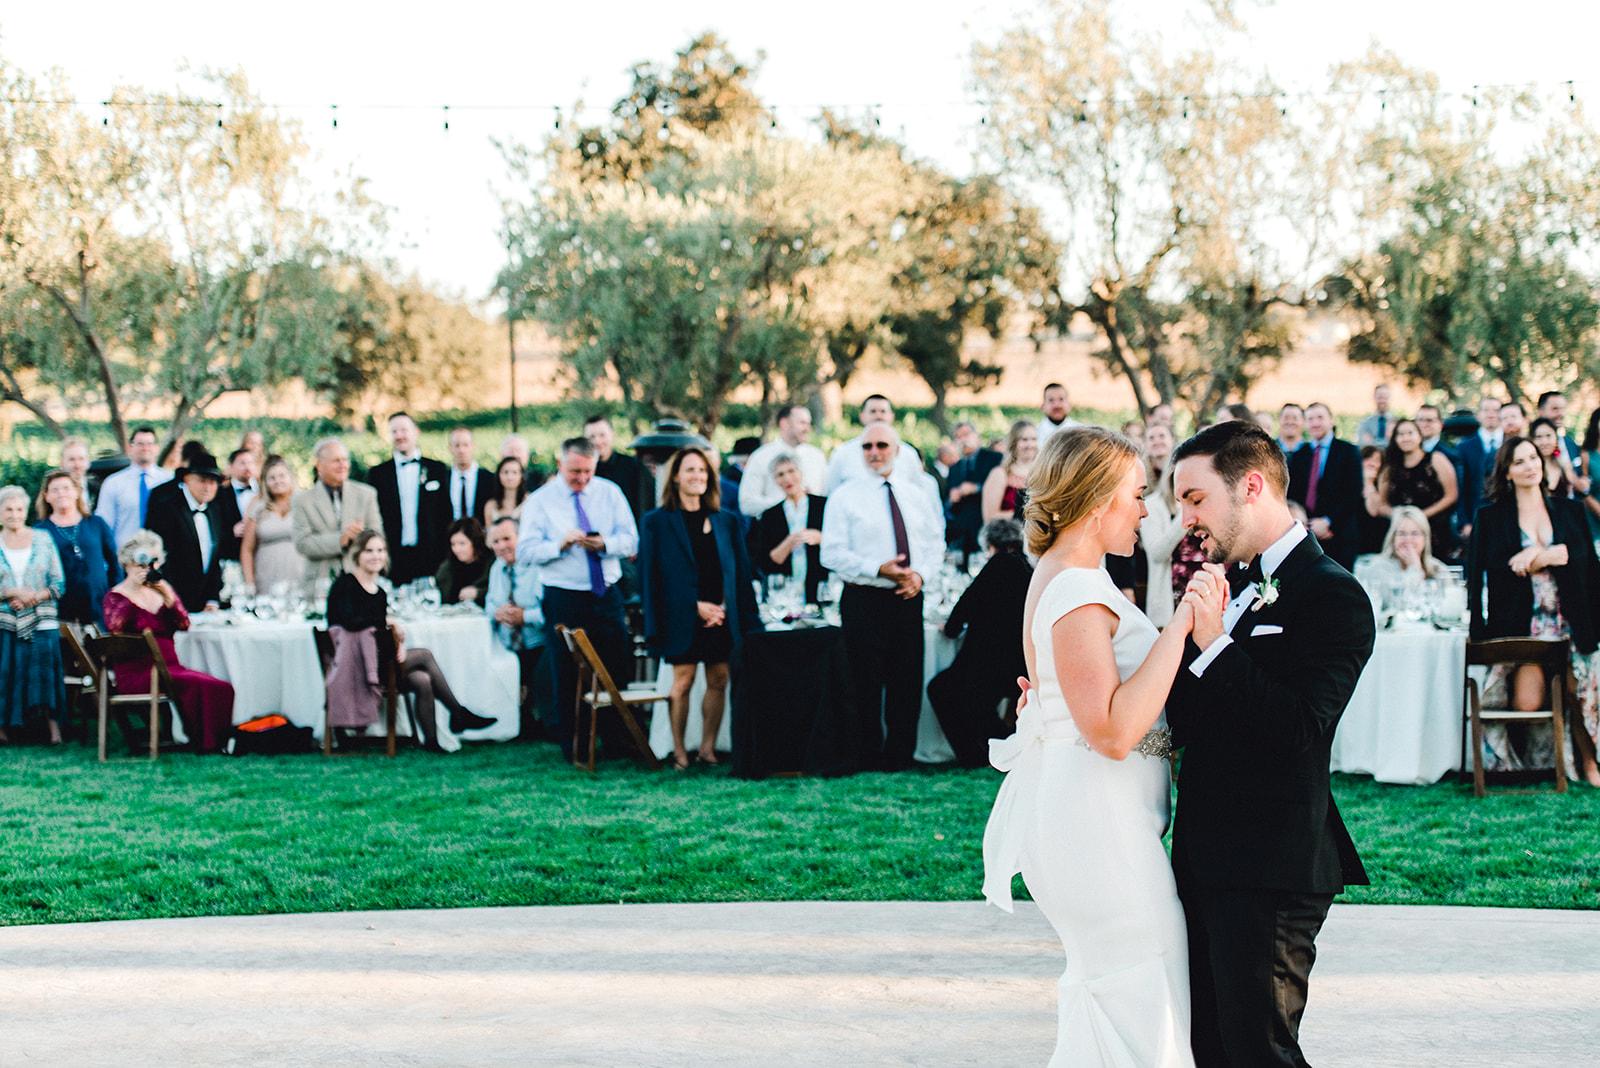 Sydney Derek - Wedding